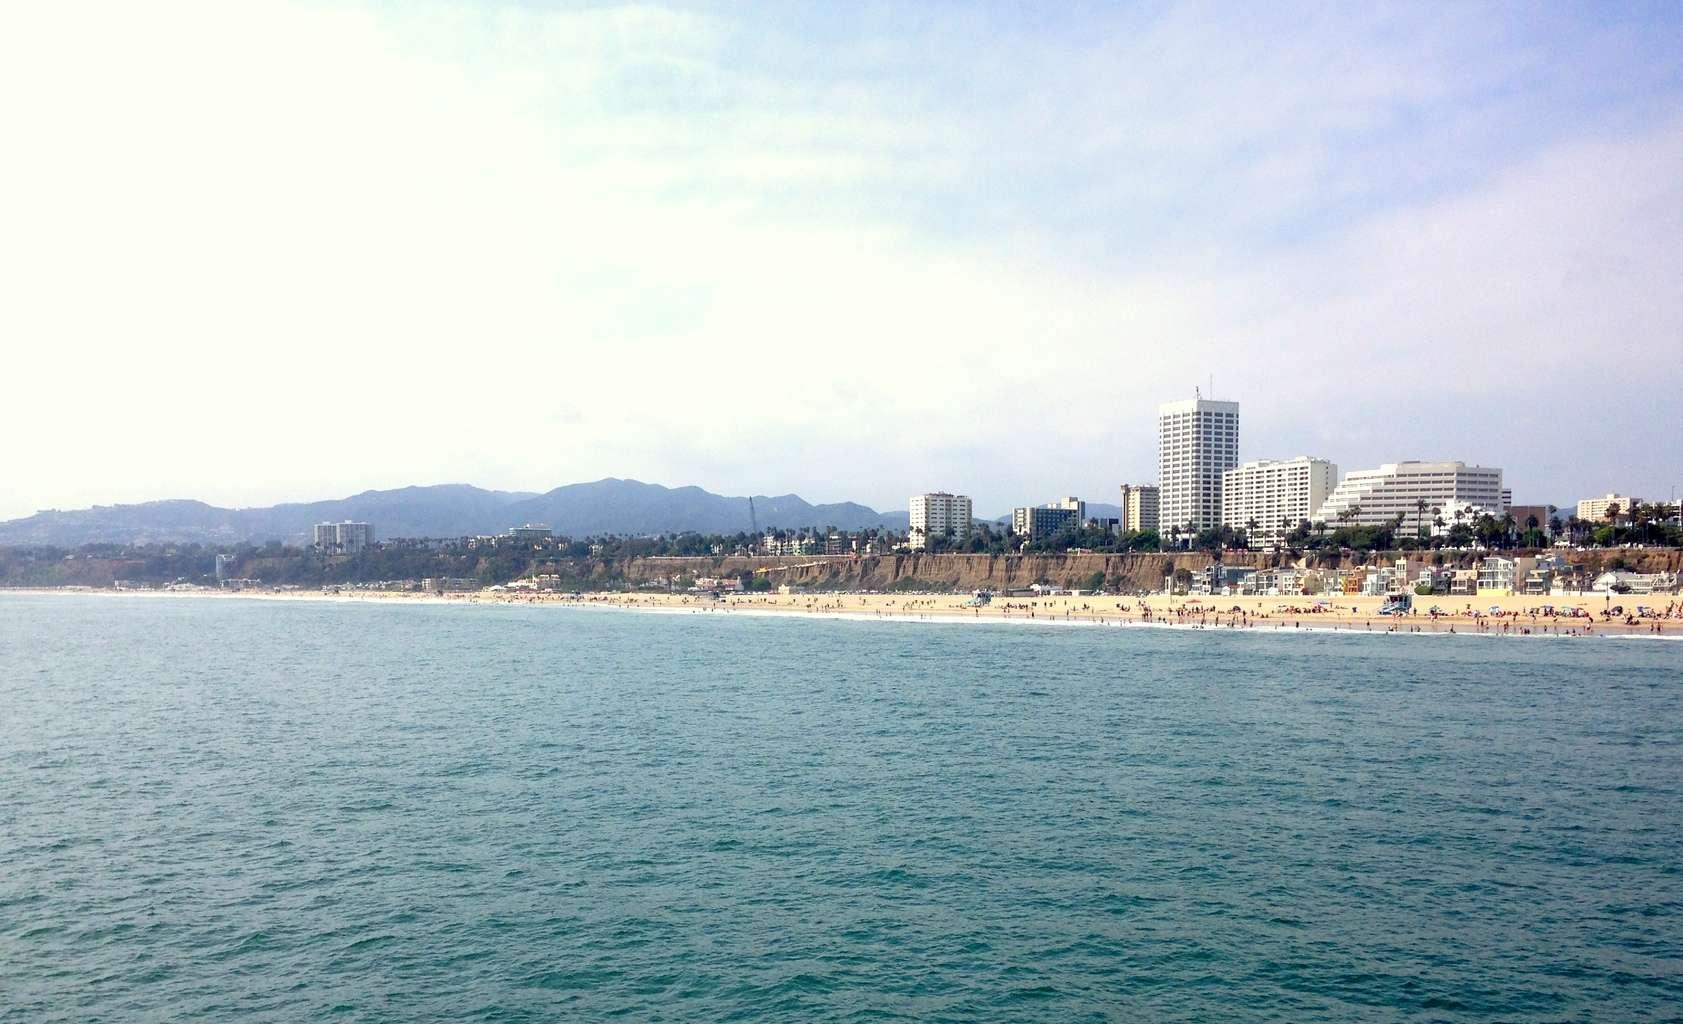 Santa Monica Beach madeinaday.com